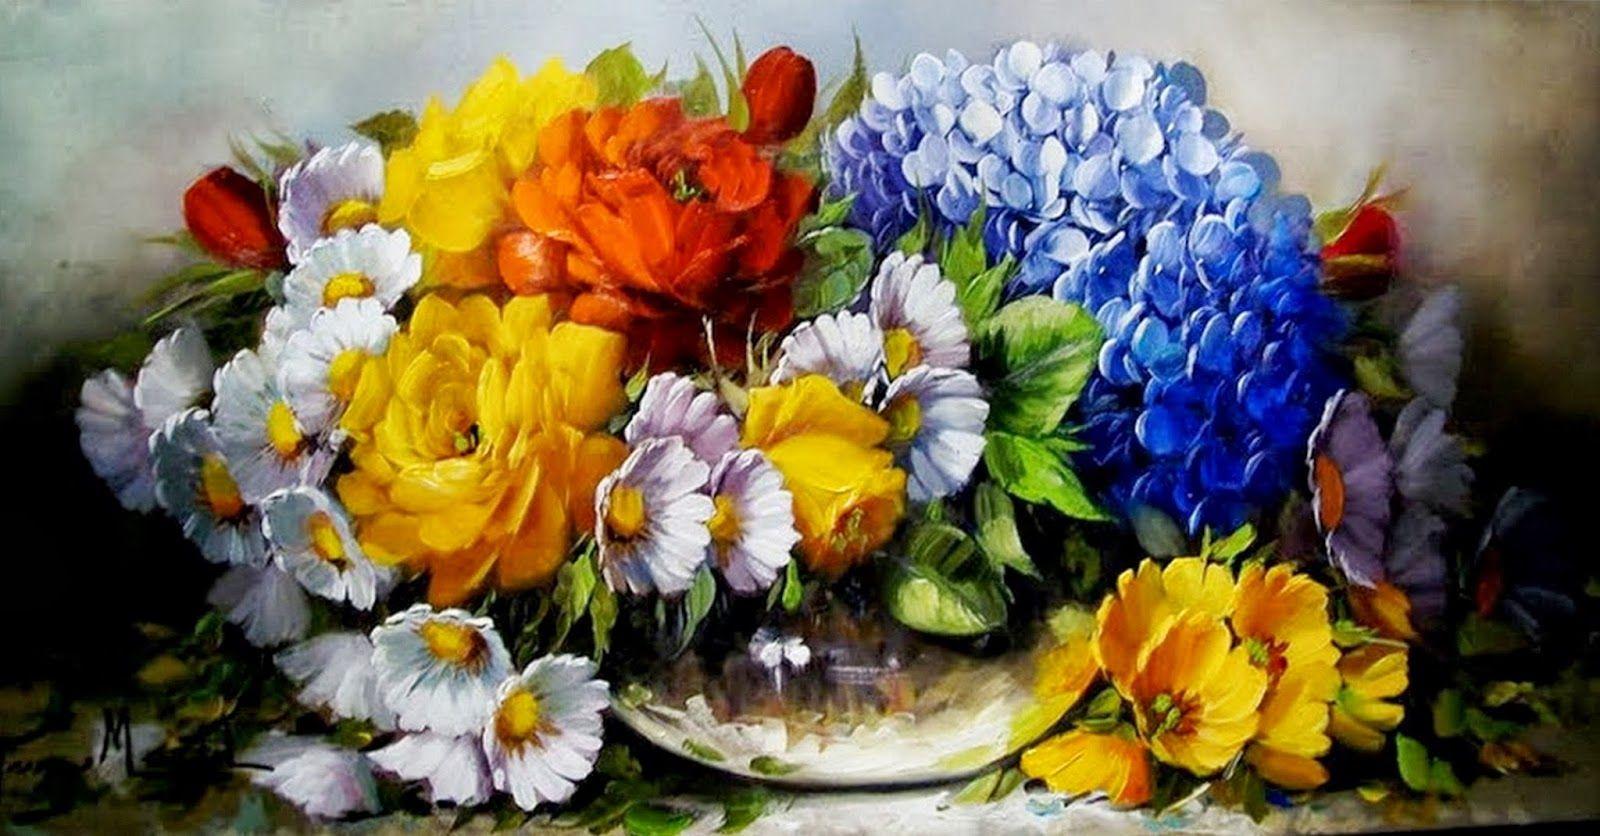 Cuadros modernos pinturas flores pintadas al leo - Fotos de cuadros modernos ...